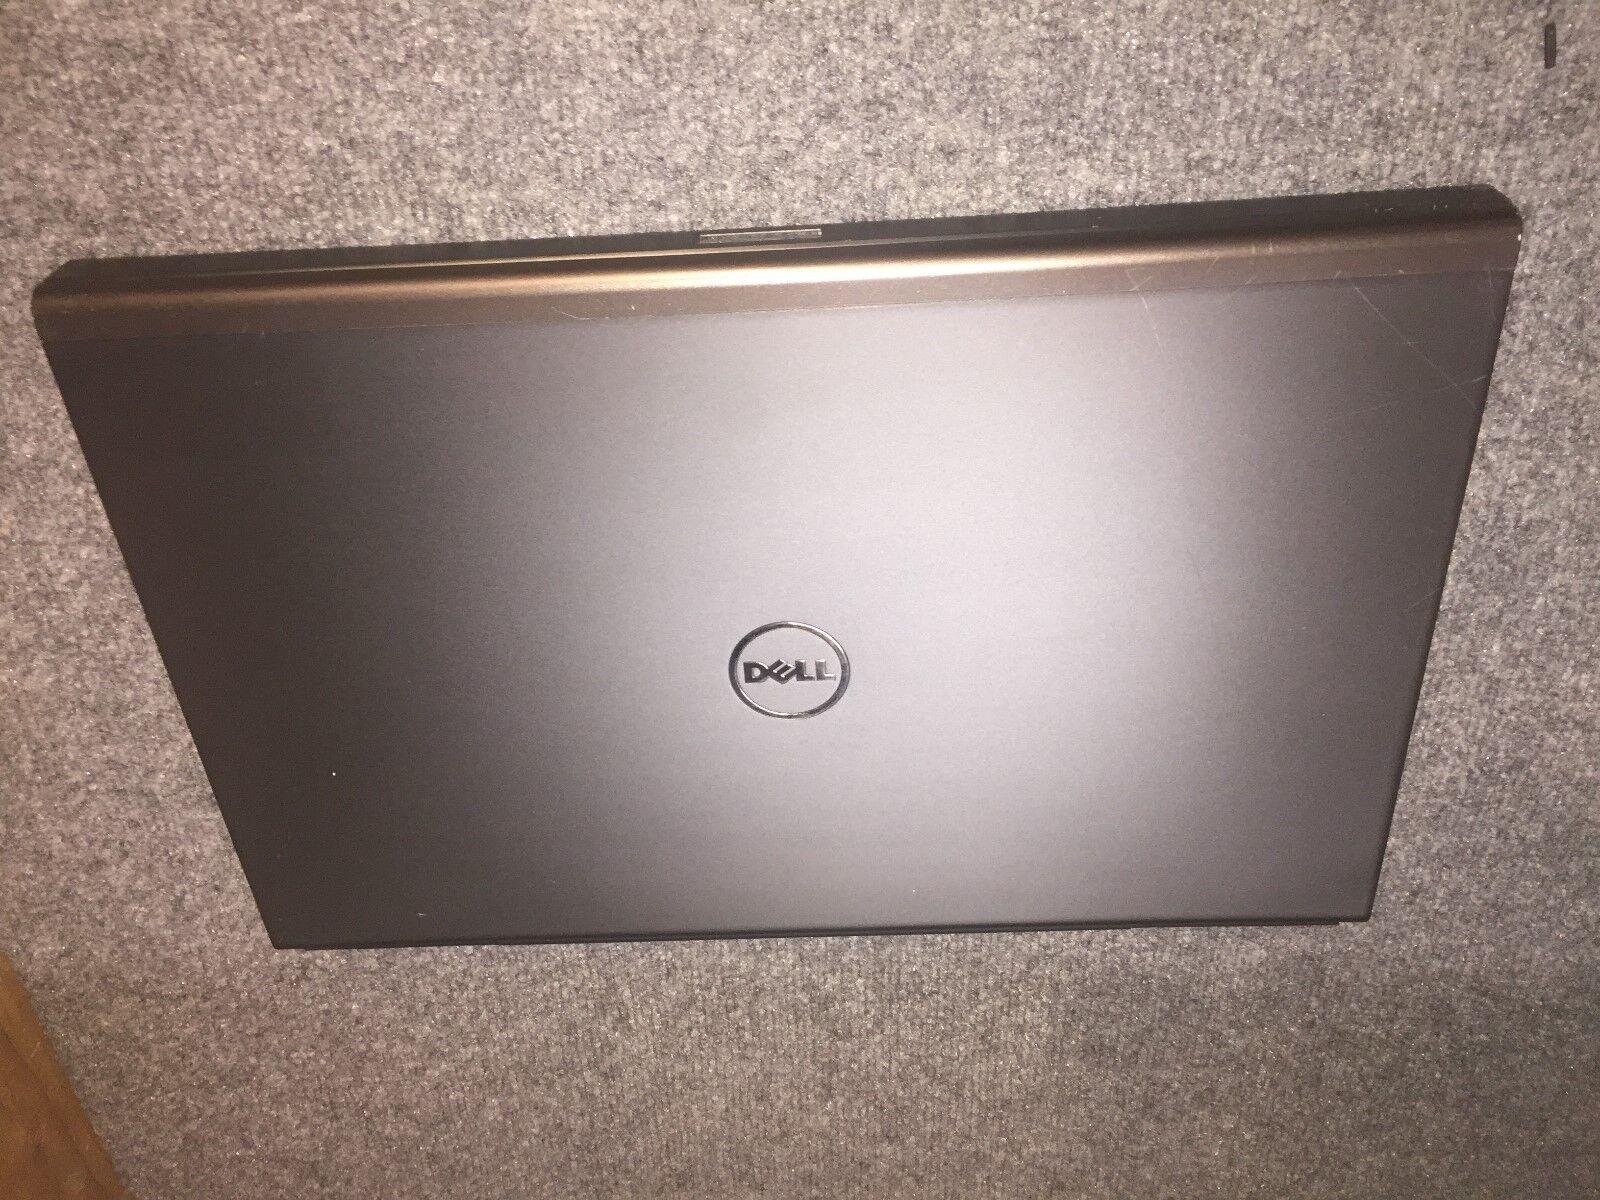 Dell Precision M6600 Intel i7-2760QM 2.4GHz 250GB 8GB DVDRW Nvidia VC W10PRO